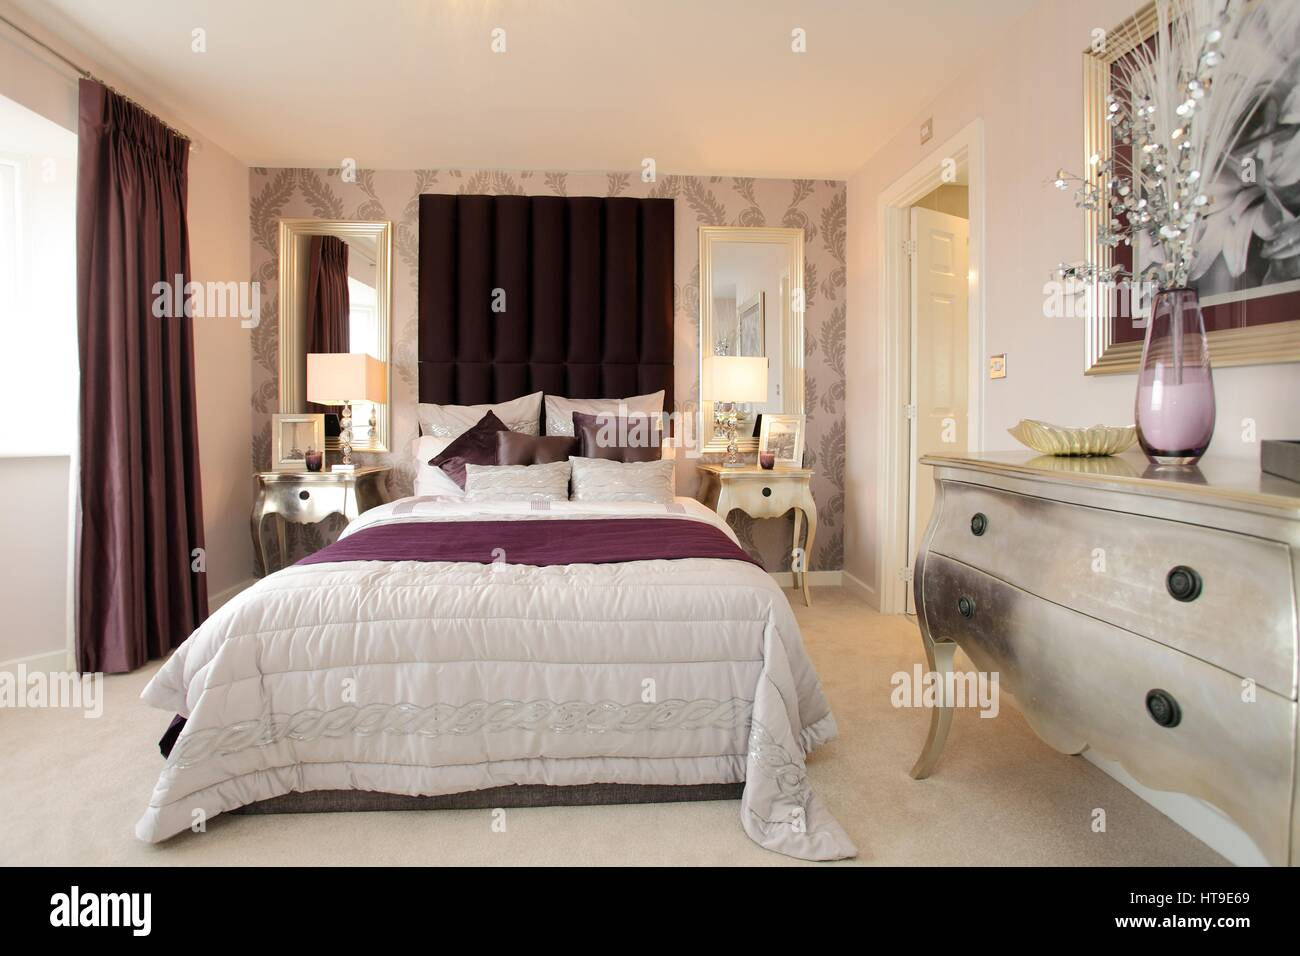 Wohngebäude, Schlafzimmer dekoriert in lila und Creme Farben ...